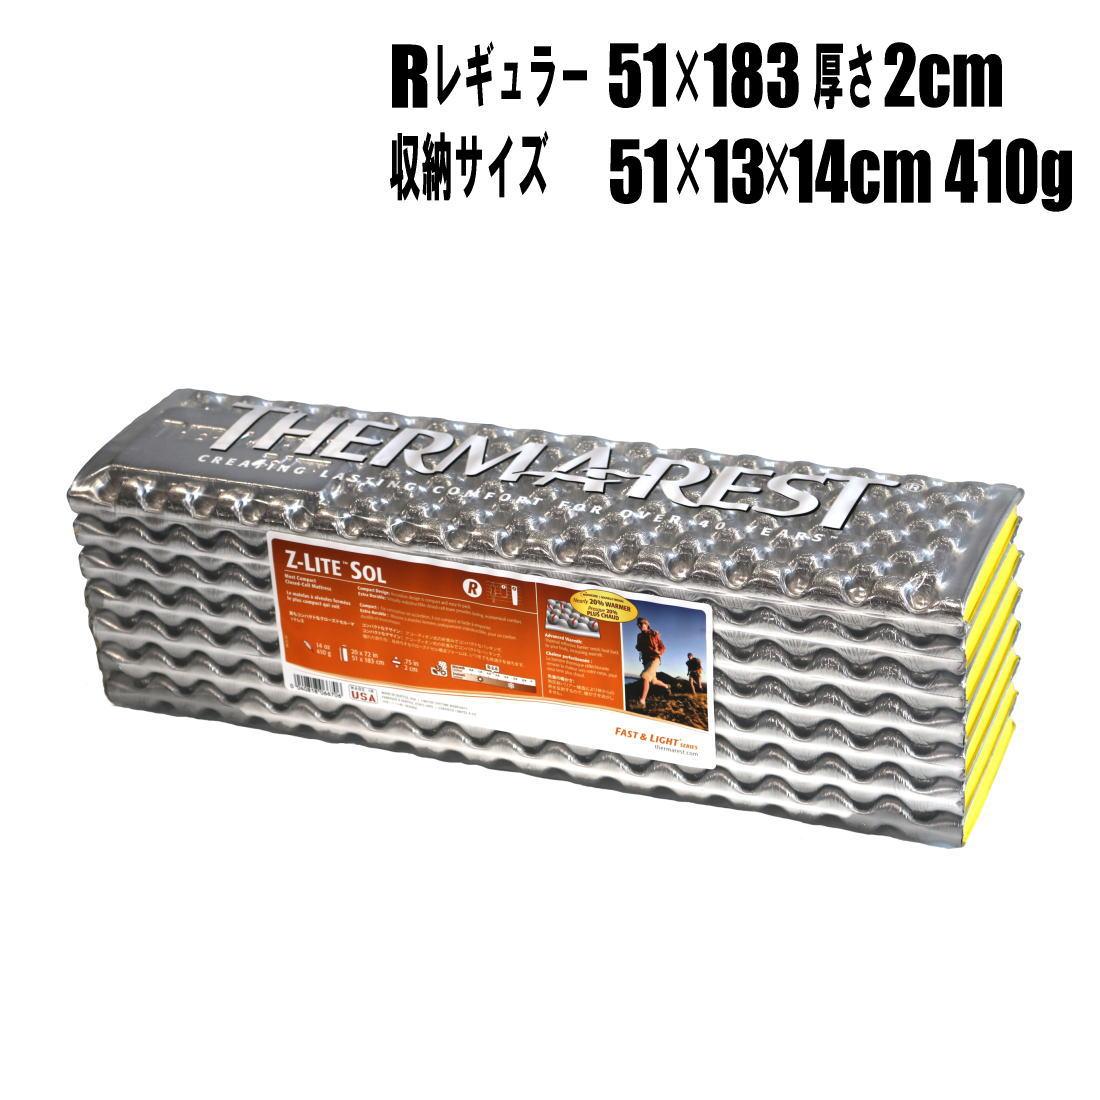 サーマレスト ゼットライトソルR Zライトソル レギュラー マットレステントマット ウレタンマット Rレギュラー  国内正規品 30670